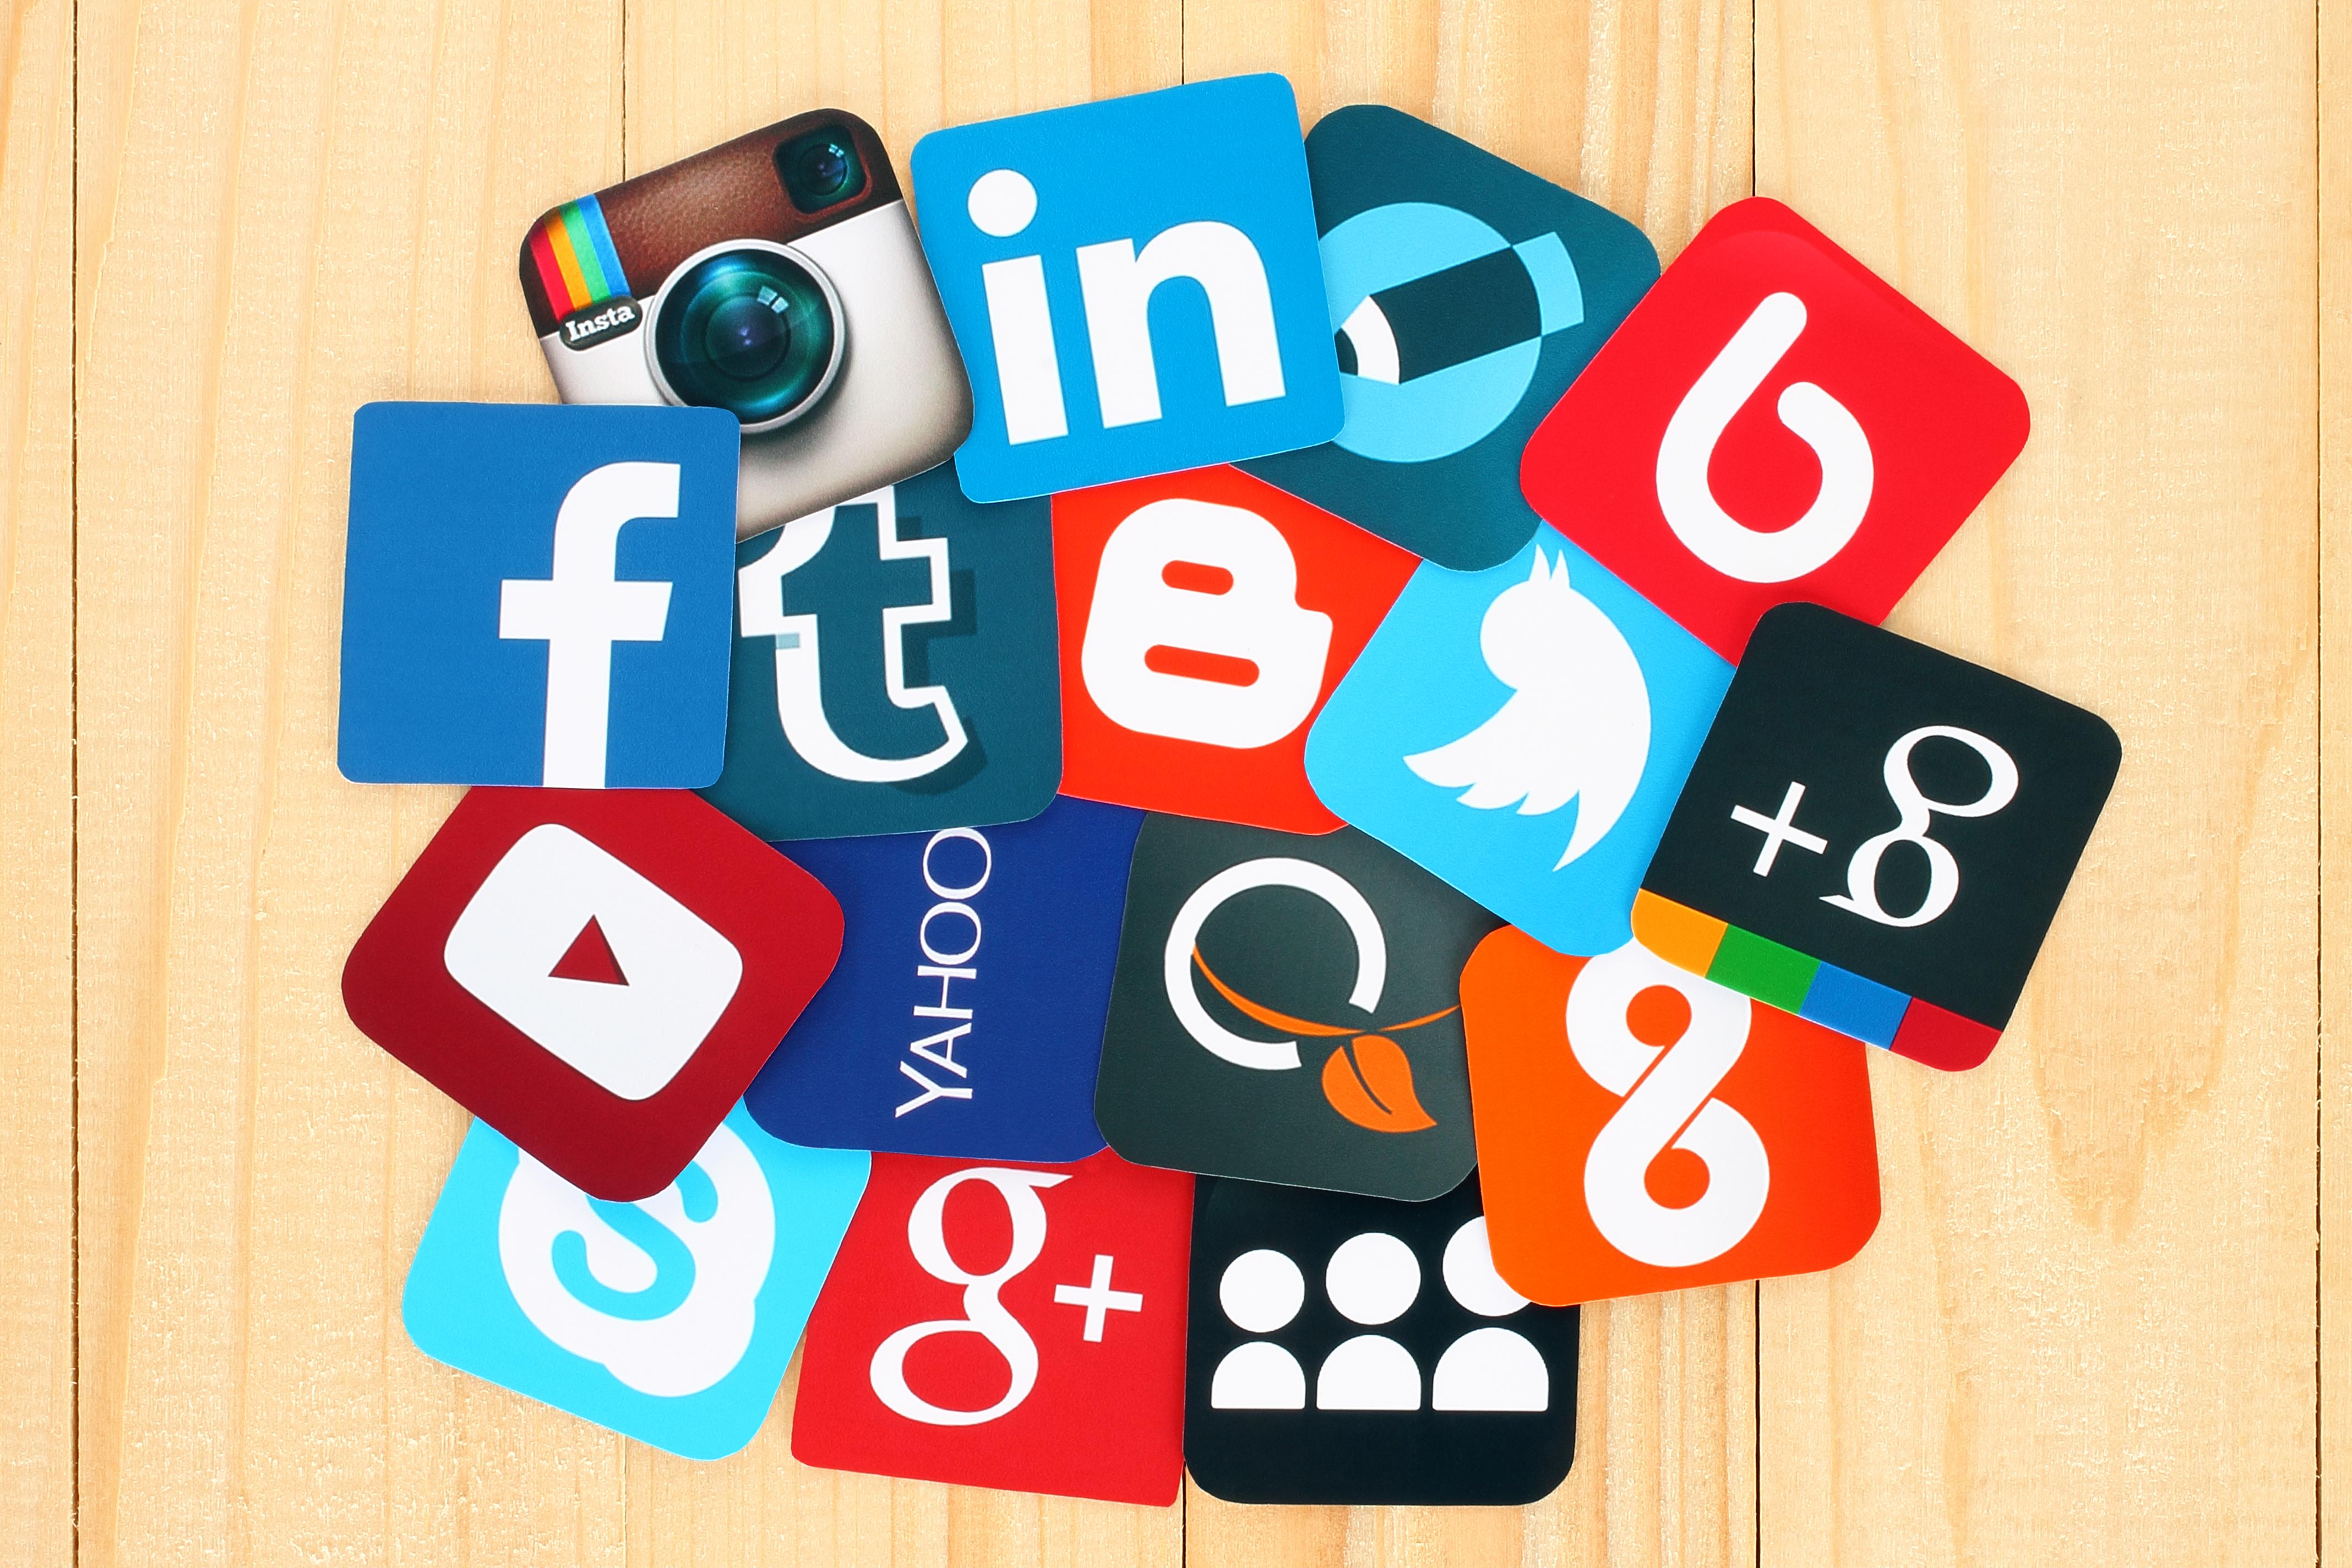 Image des applications-reseaux sociaux